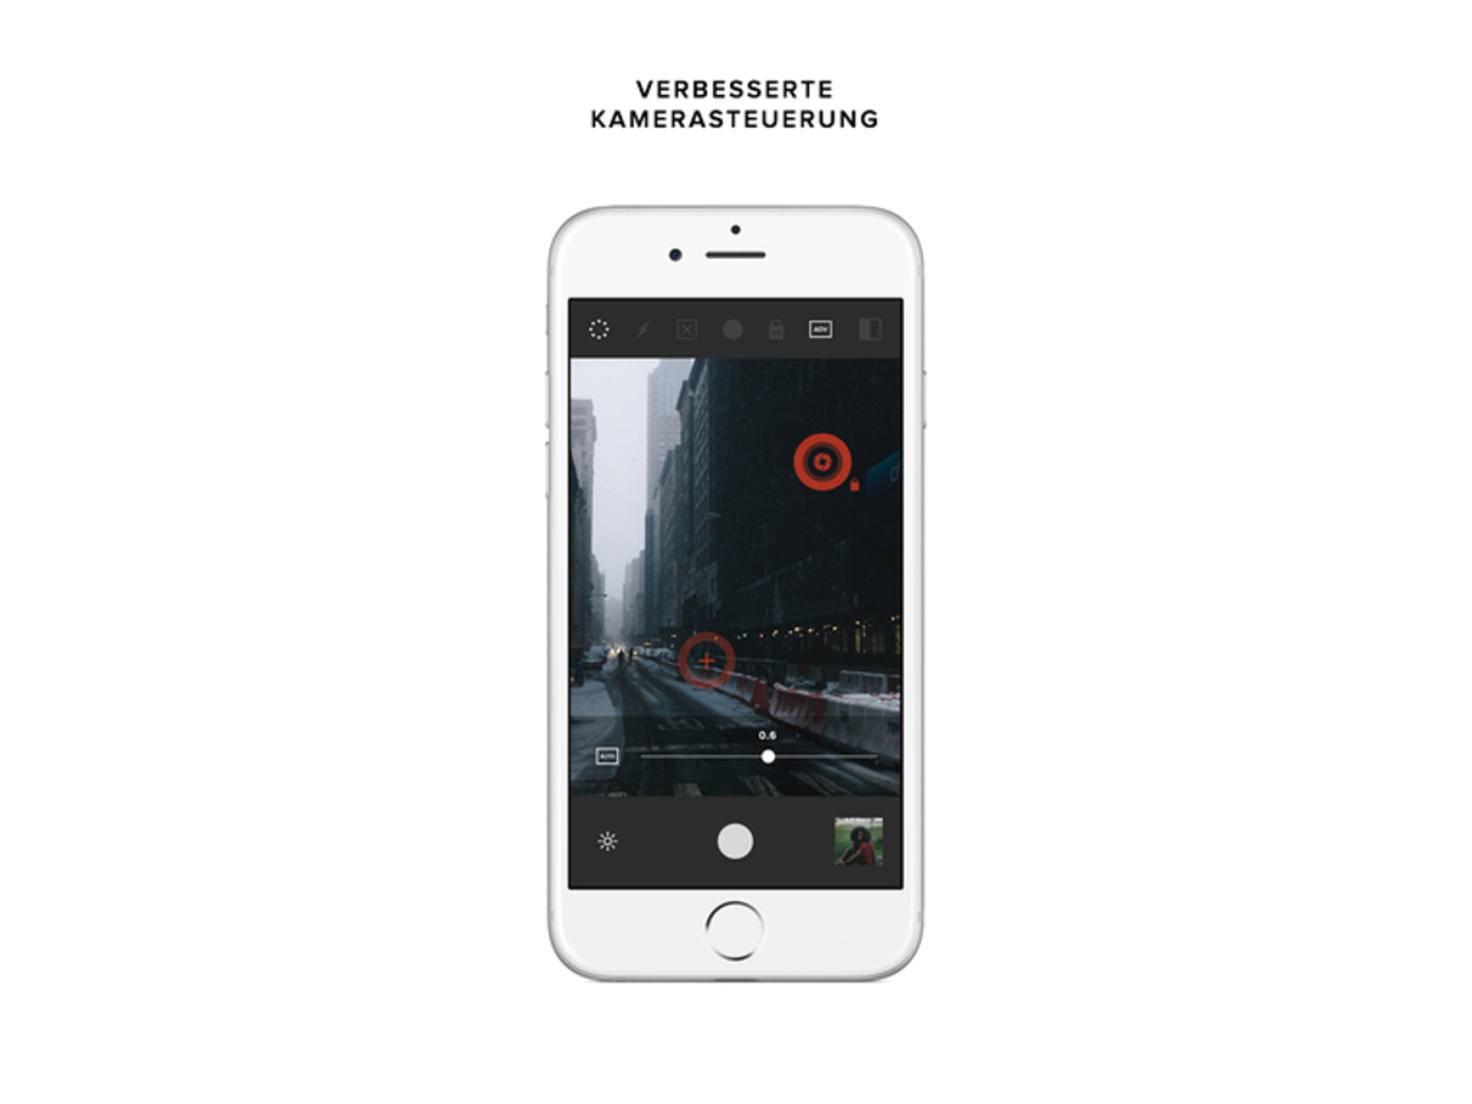 VSCO CAM knipst Fotos mit einem eigenen Interface.